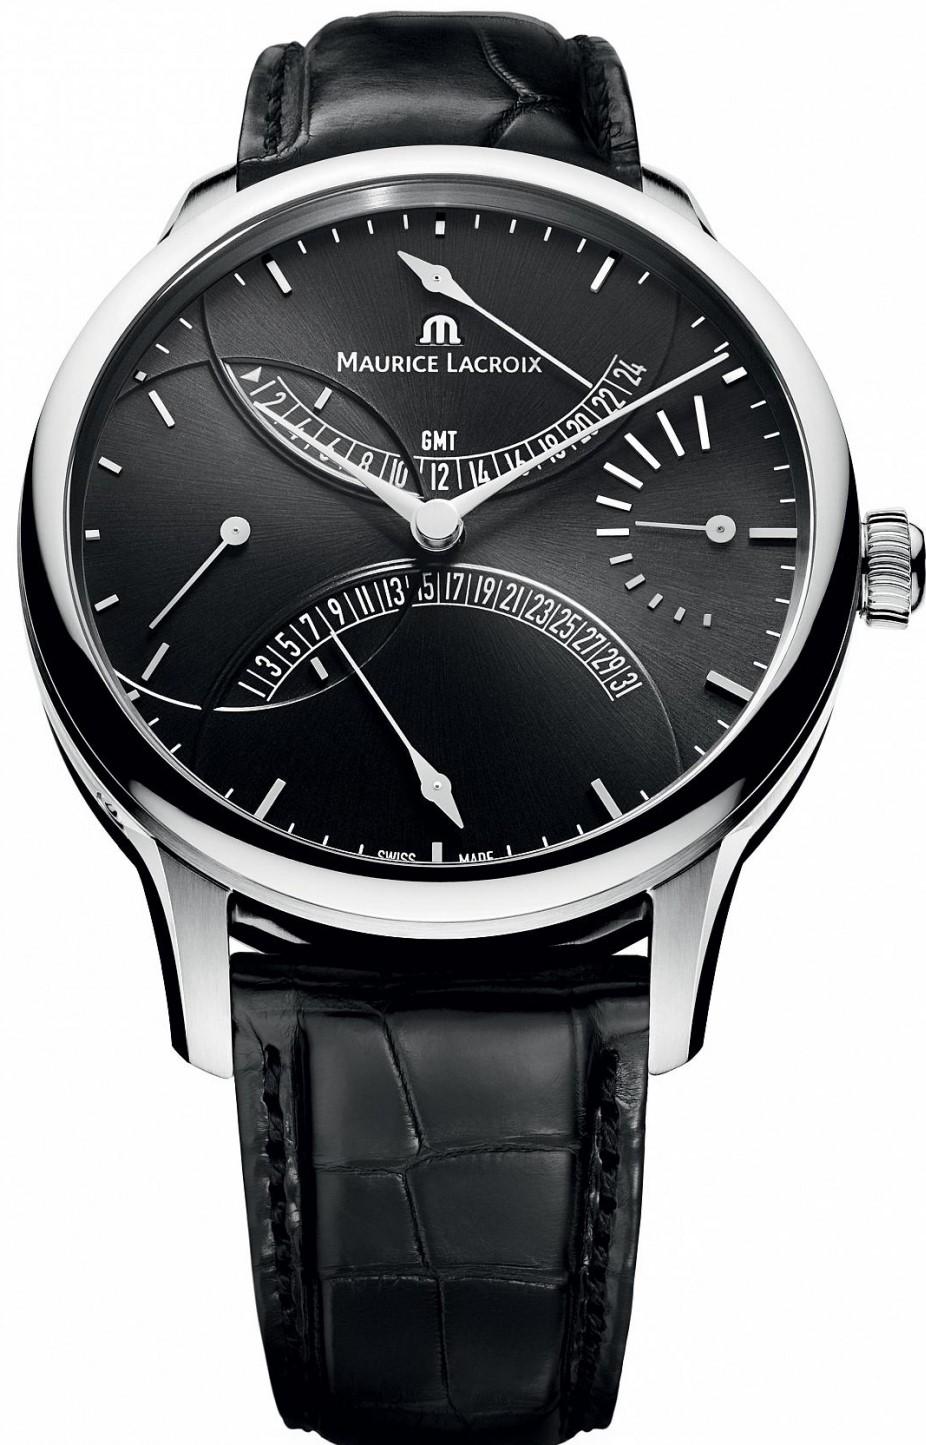 Maurice Lacroix Masterpiece MP6518-SS001-330Наручные часы<br>Швейцарские часы Maurice Lacroix Masterpiece MP6518-SS001-330<br><br>Пол: Мужские<br>Страна-производитель: Швейцария<br>Механизм: Механический<br>Материал корпуса: Сталь<br>Материал ремня/браслета: Кожа<br>Водозащита, диапазон: 20 - 100 м<br>Стекло: Сапфировое<br>Толщина корпуса: None<br>Стиль: Классика